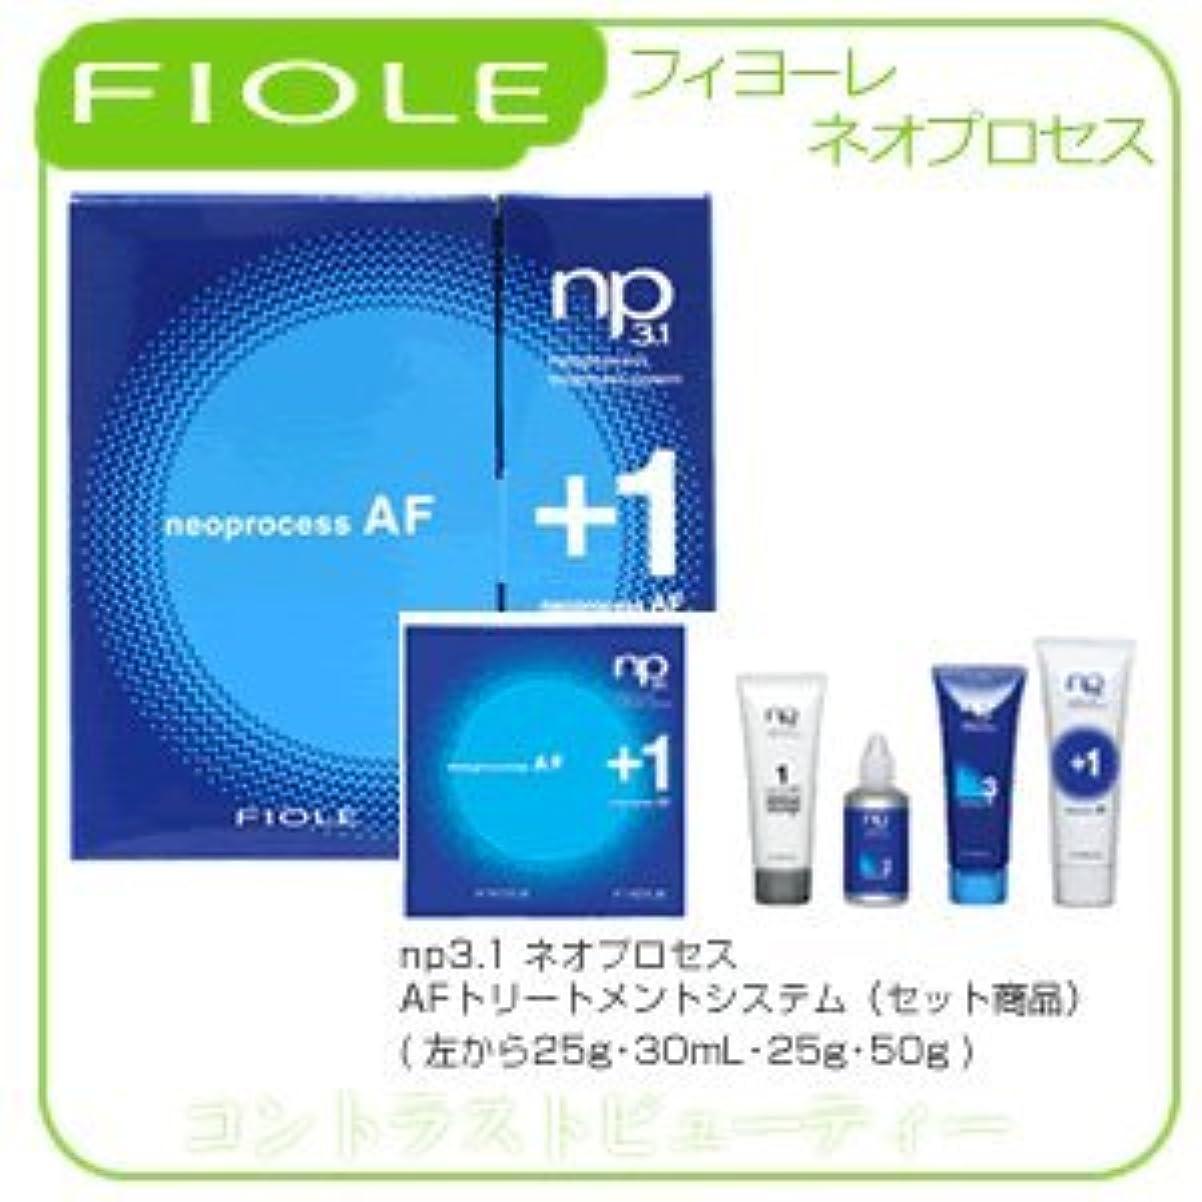 クリーム矢メインフィヨーレ NP3.1 ネオプロセス AF トリートメントシステム FIOLE ネオプロセス